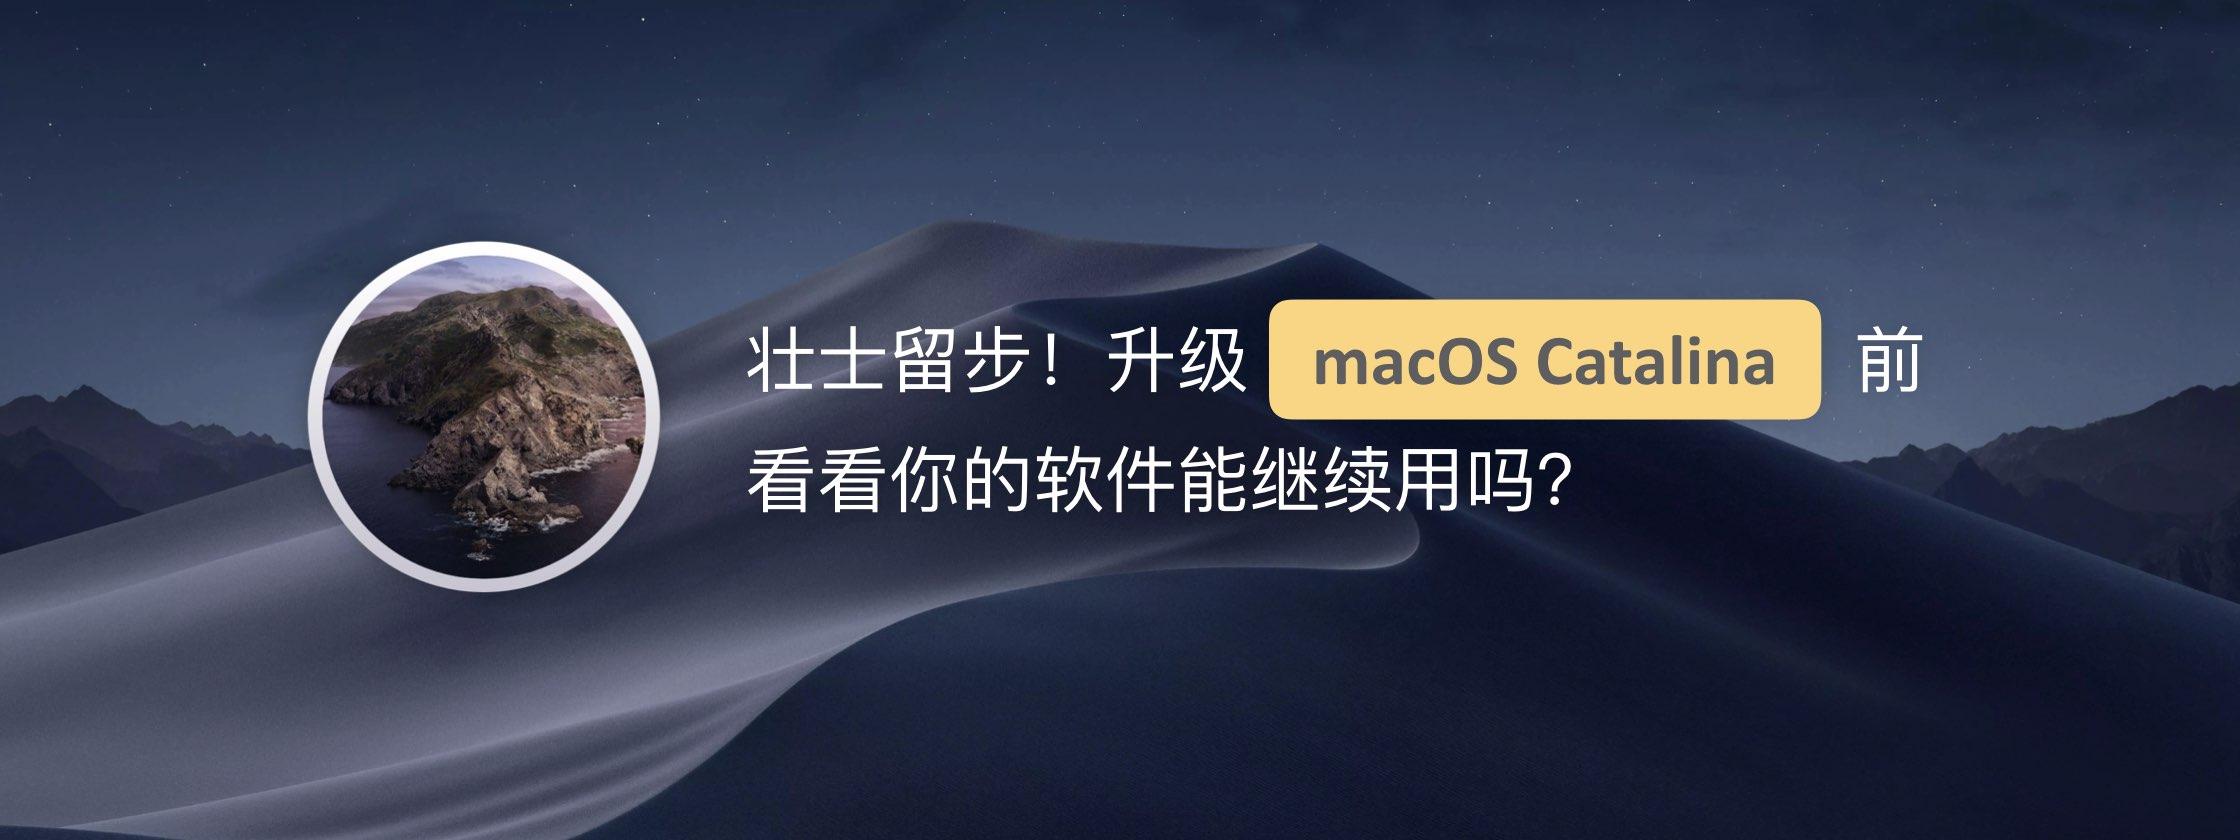 壮士留步!升级 macOS Catalina 前看看你的软件能继续用吗?